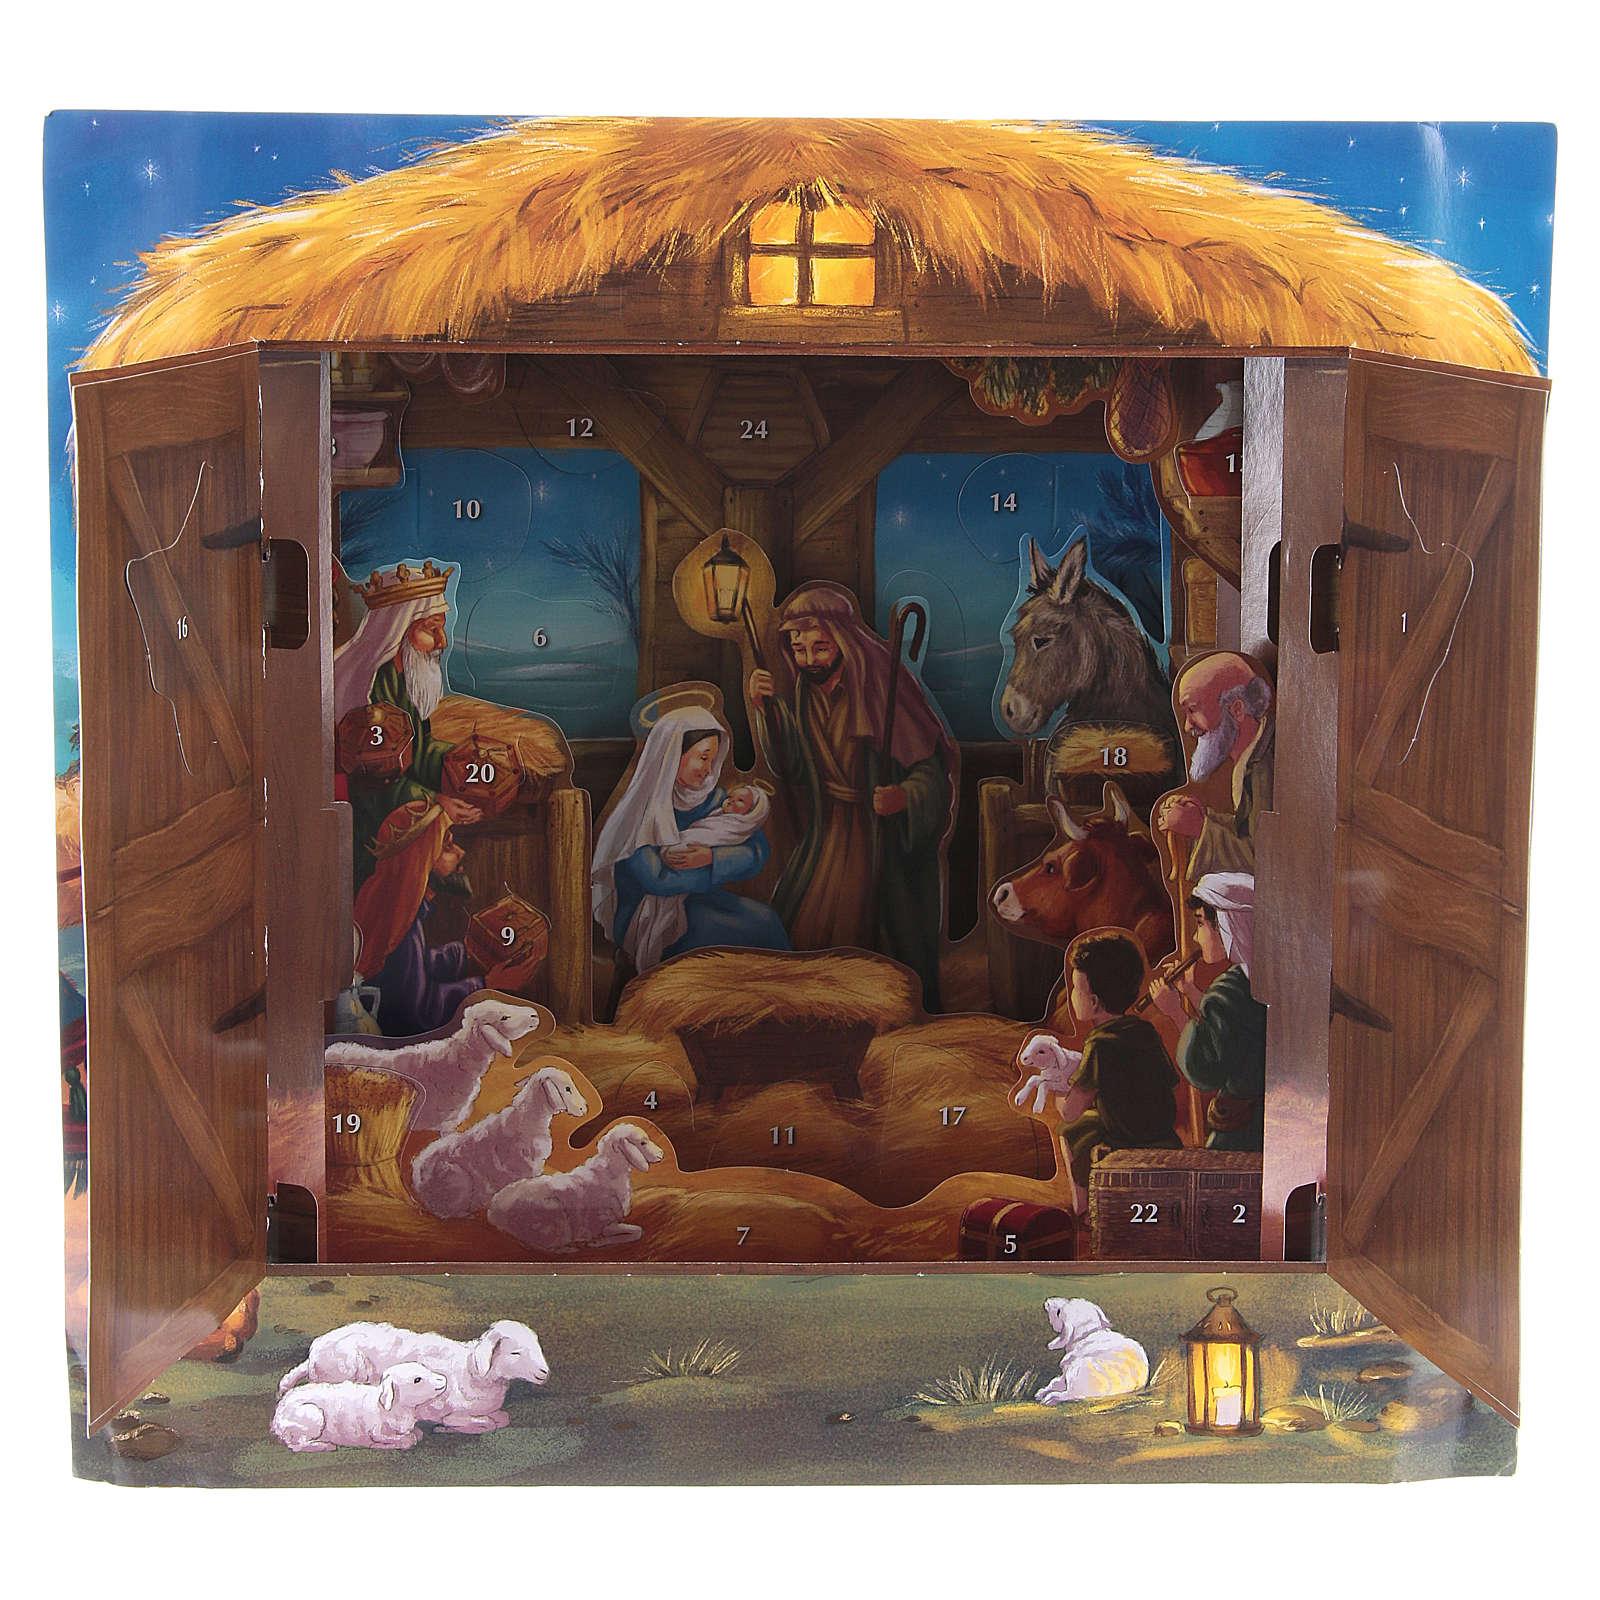 Calendrier de l'Avent tridimensionnel Nativité de Bethléem 3